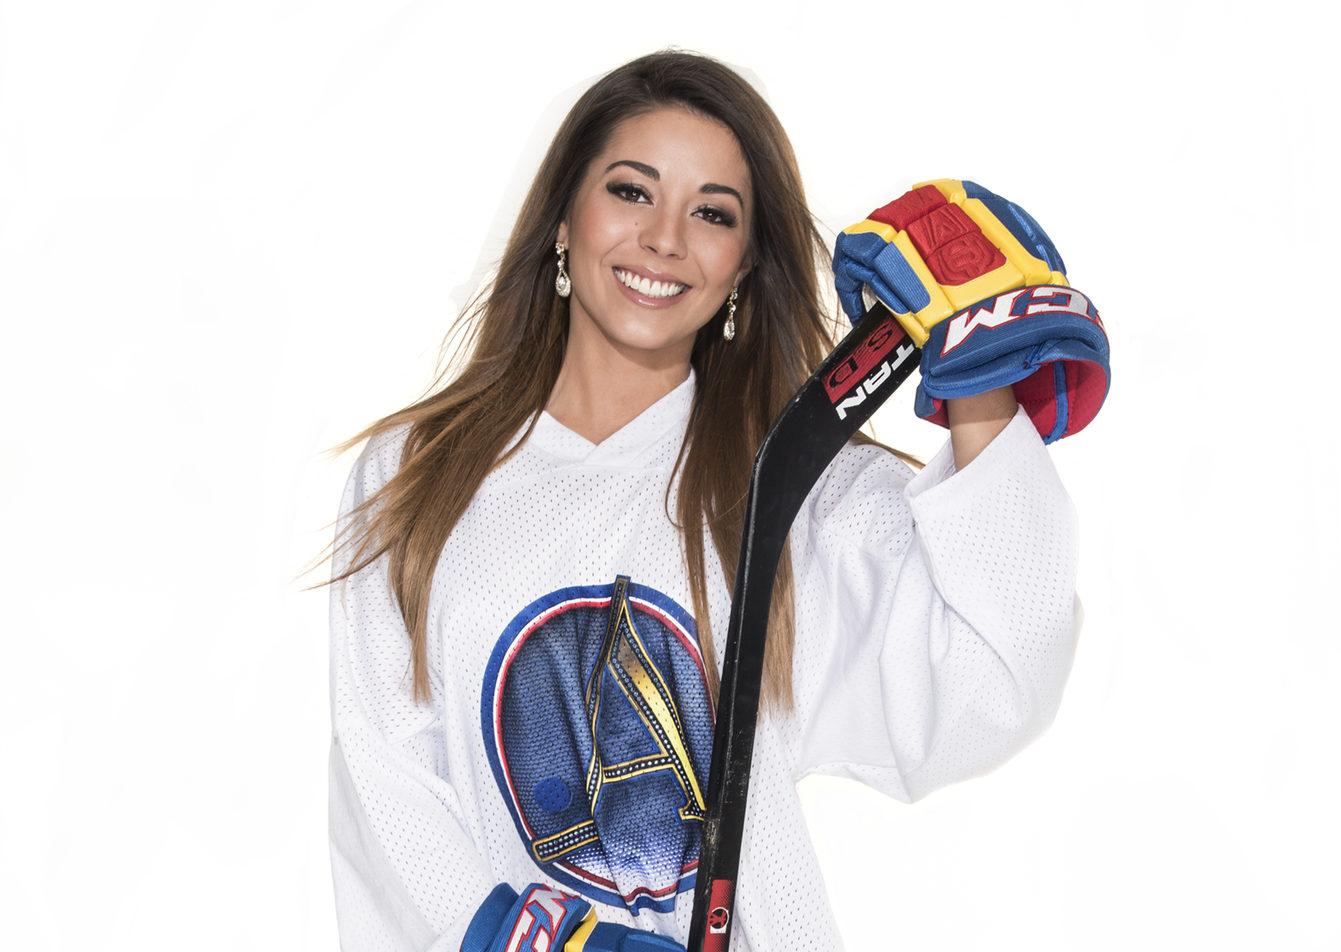 Amanda Harkimo amanda harkimo tutustuu uudessa sarjassa jääkiekkoilijoiden